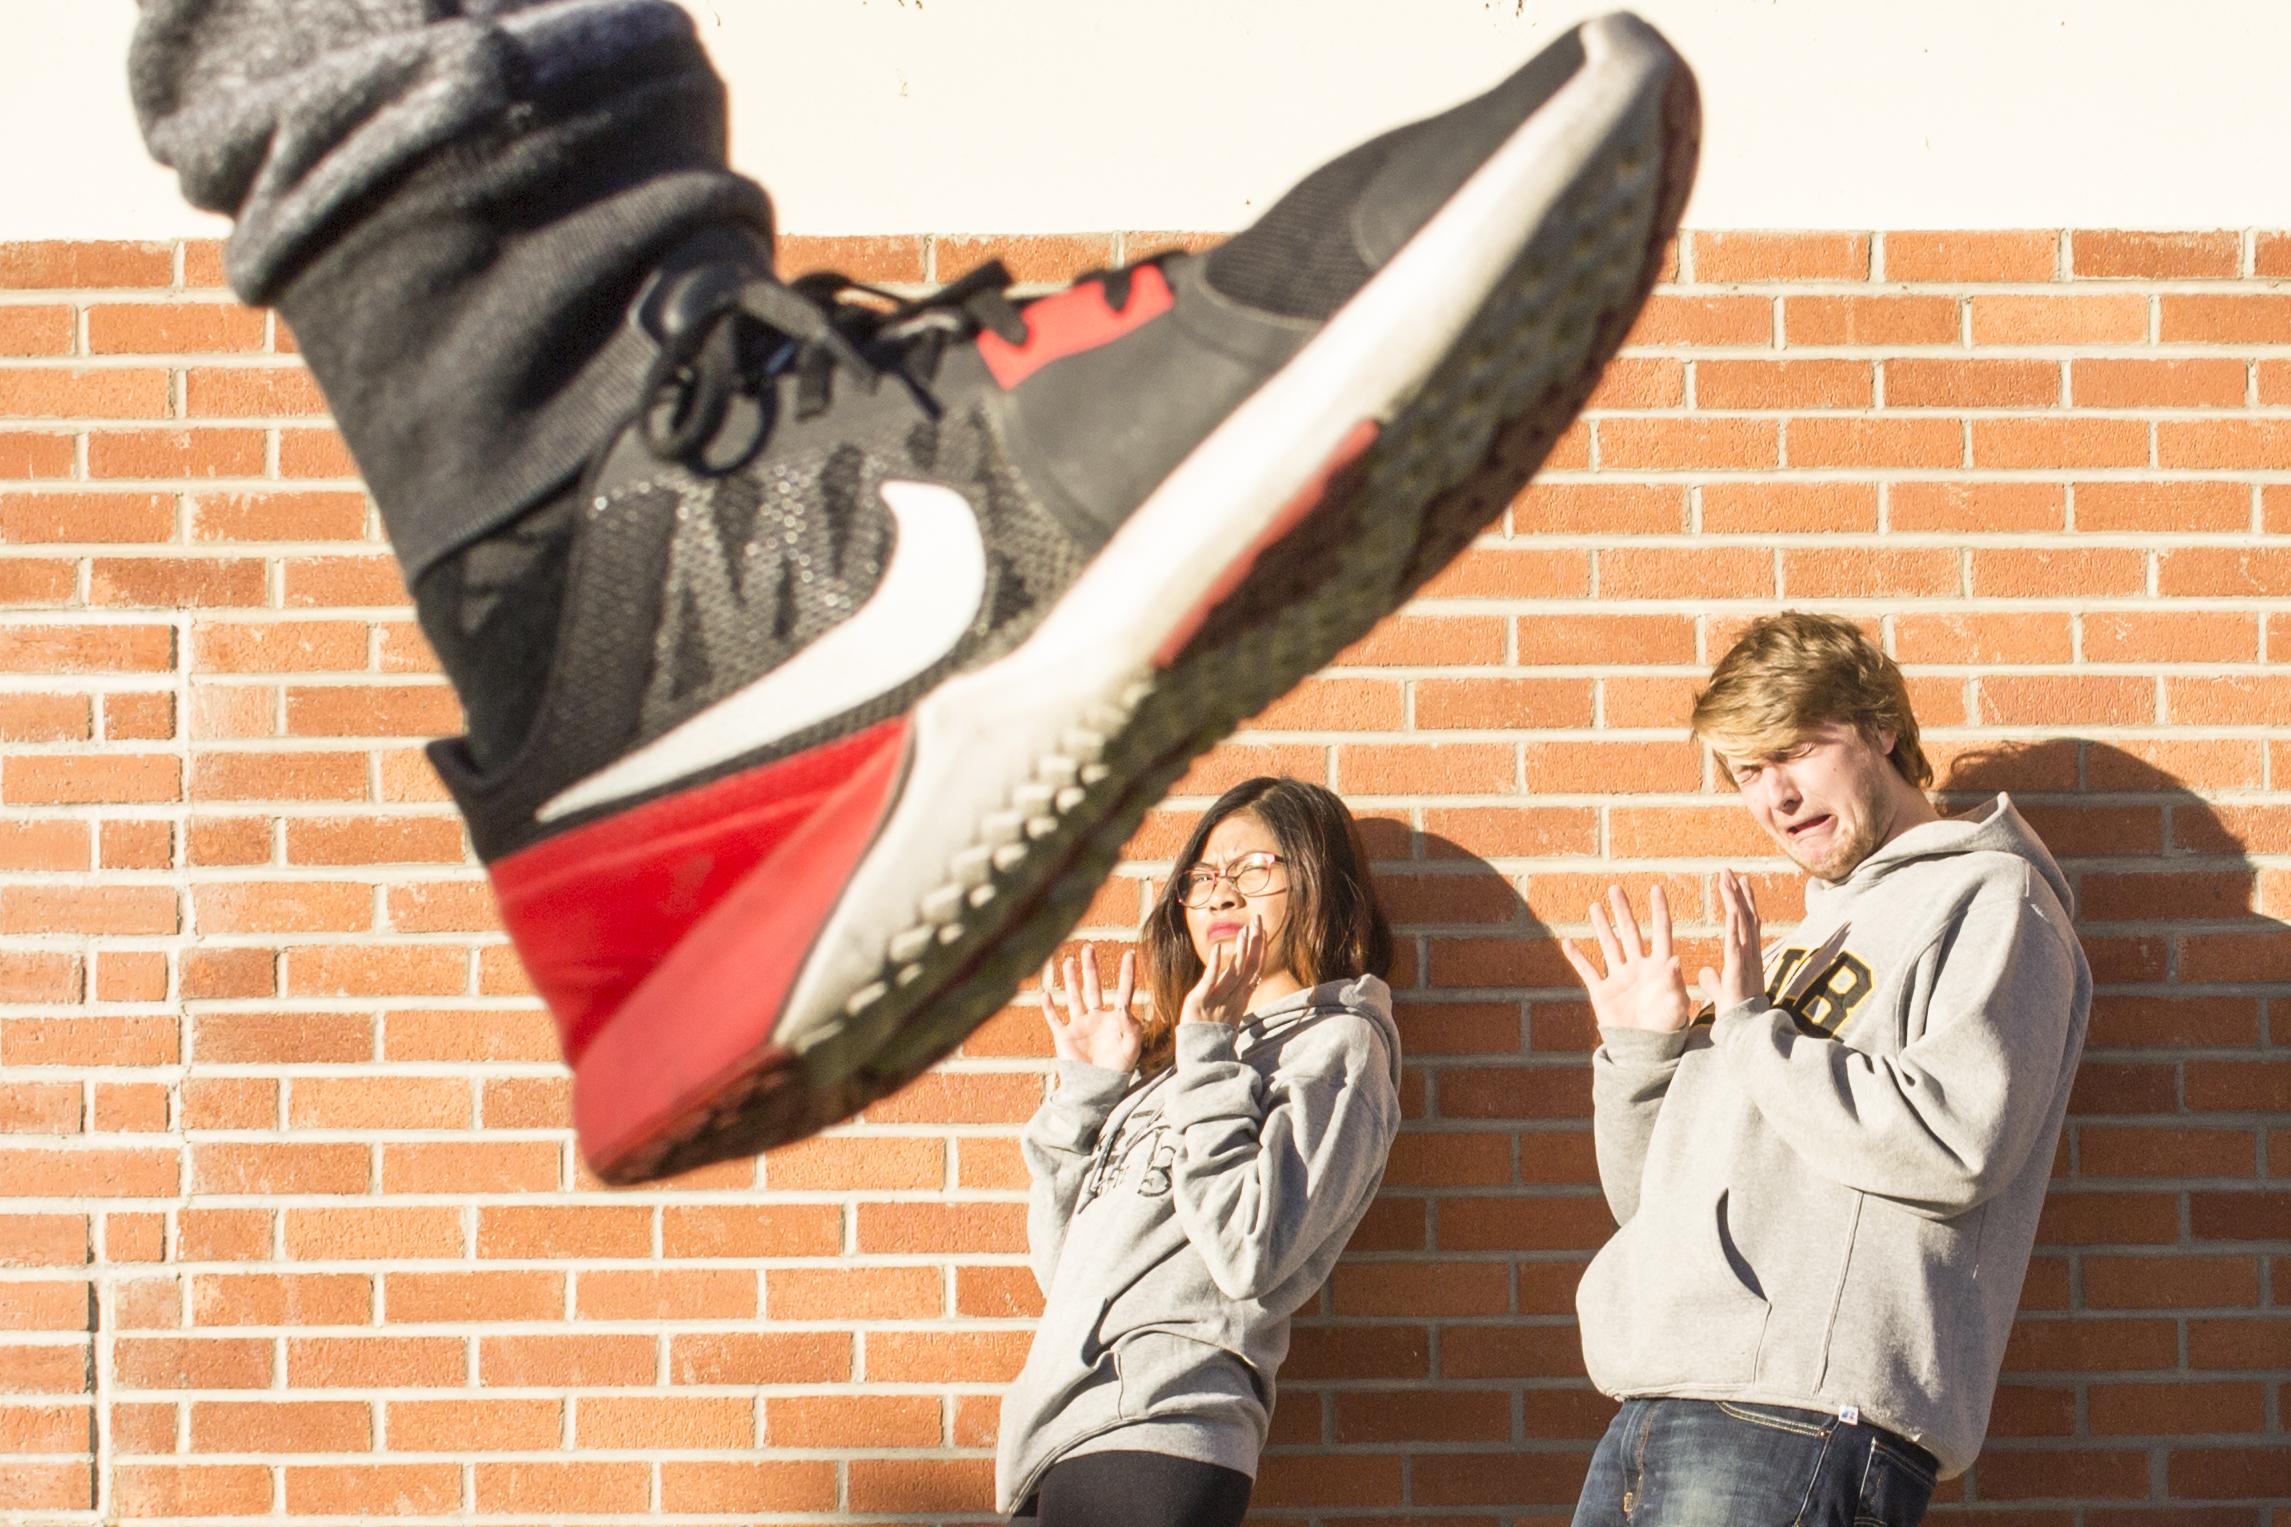 Sneakers-3.jpg